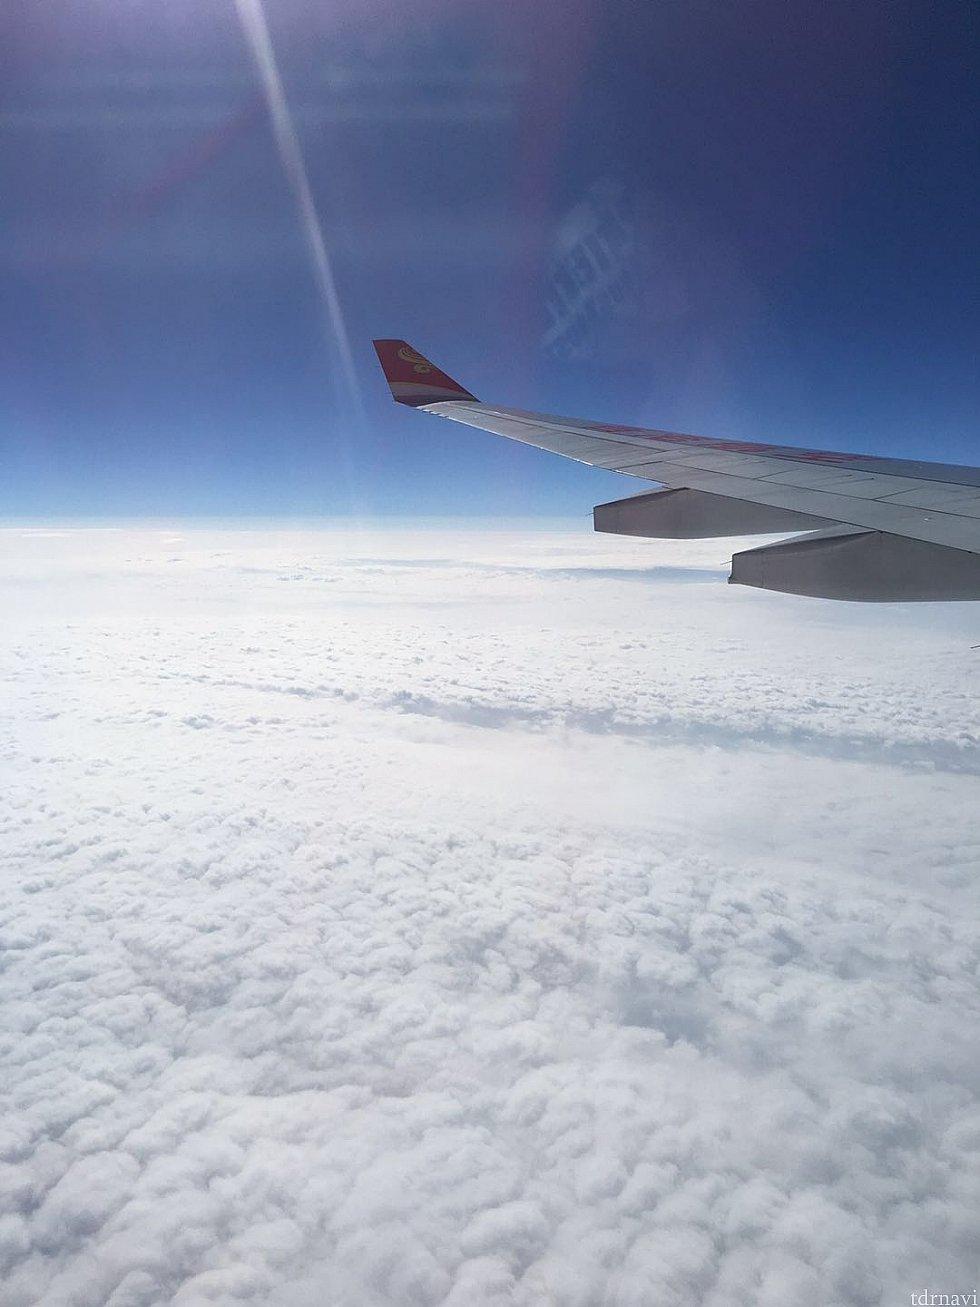 お天気も良く快適な空の旅です☁️✈️☀️